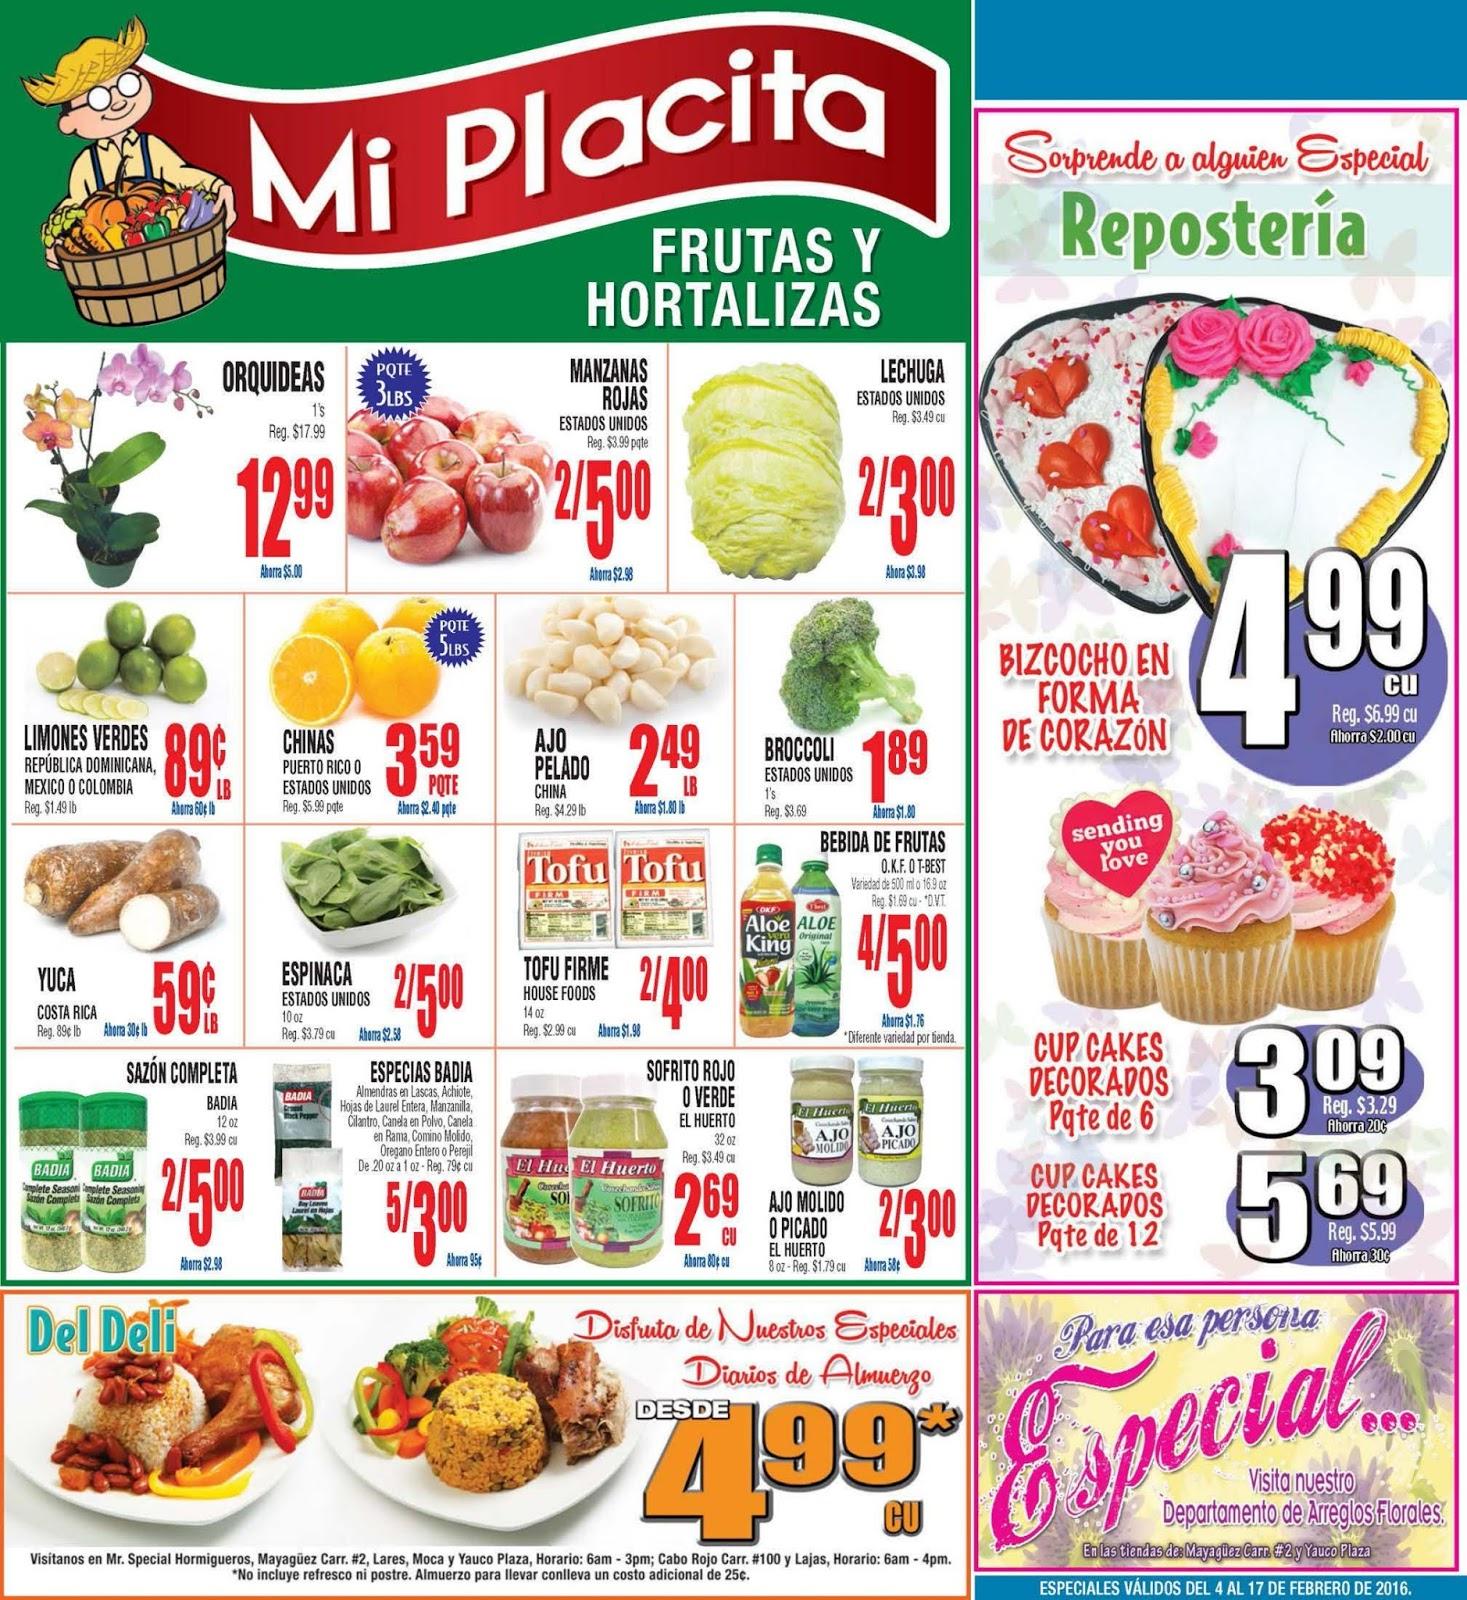 shopper pr: MR. SPECIAL